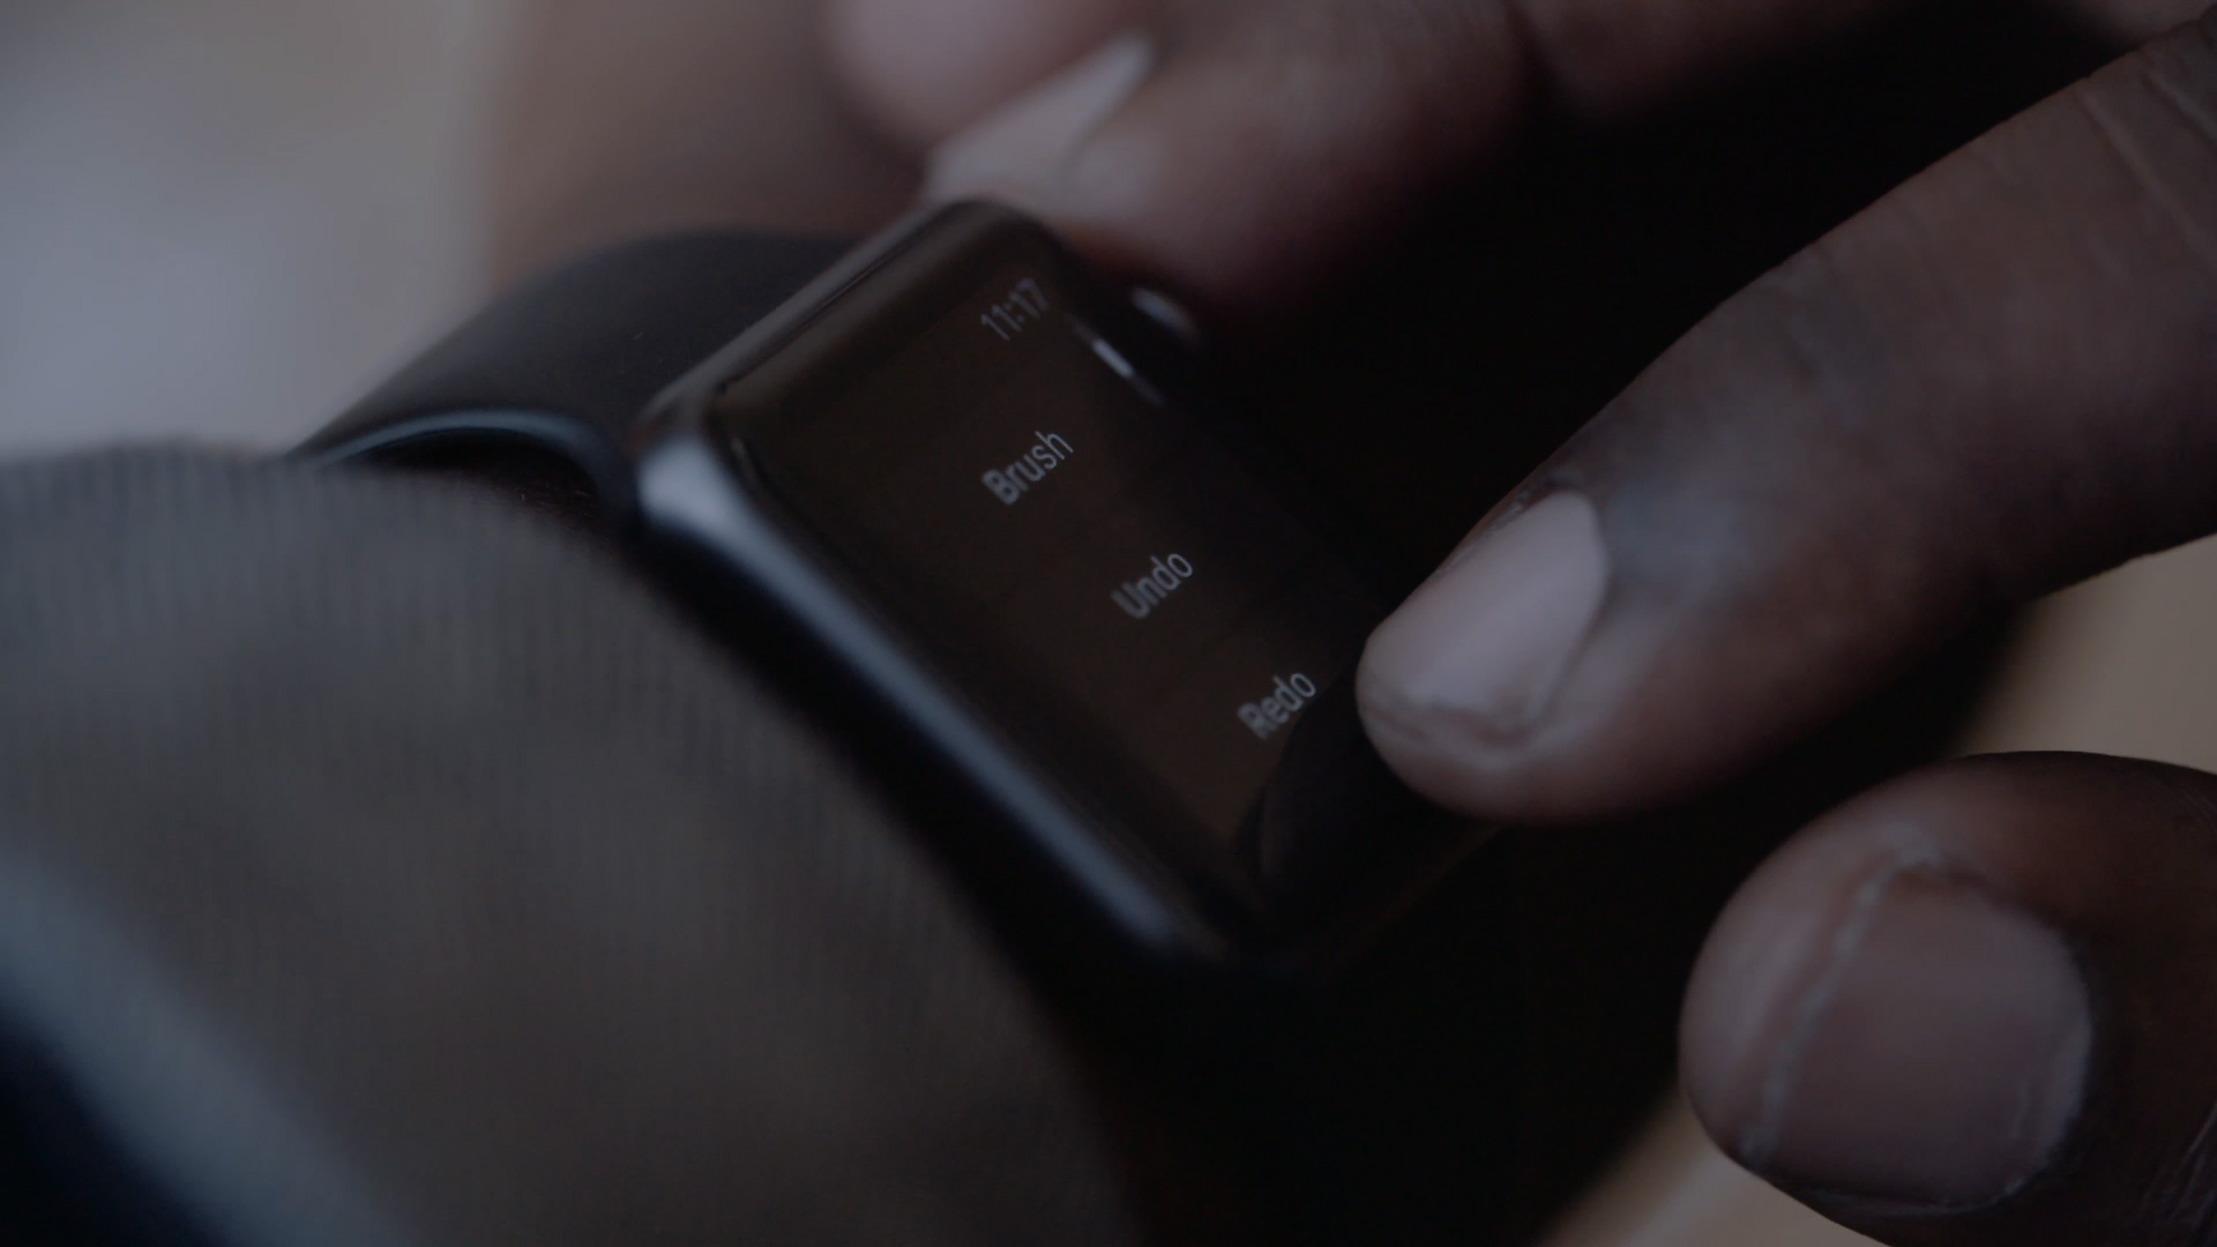 Astropad Mini 1.0 for iOS Apple Watch teaser 002